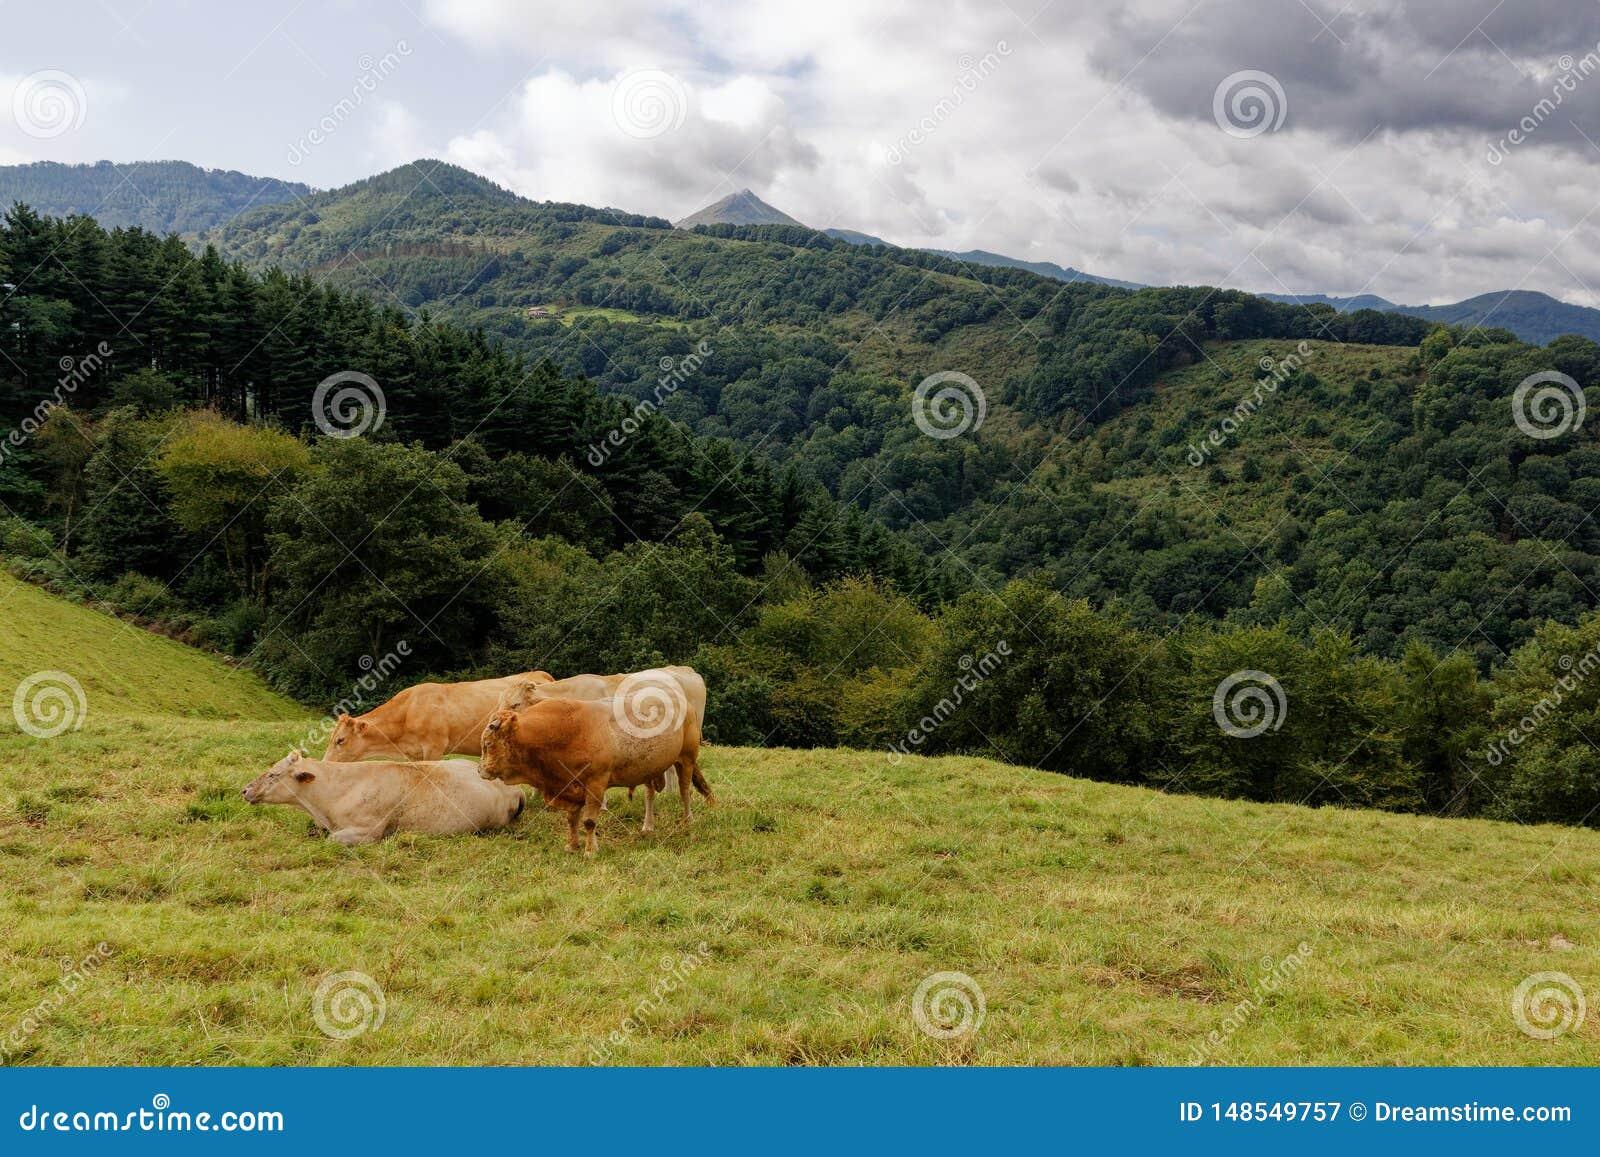 Paisaje del Pays Basque, vacas en prado